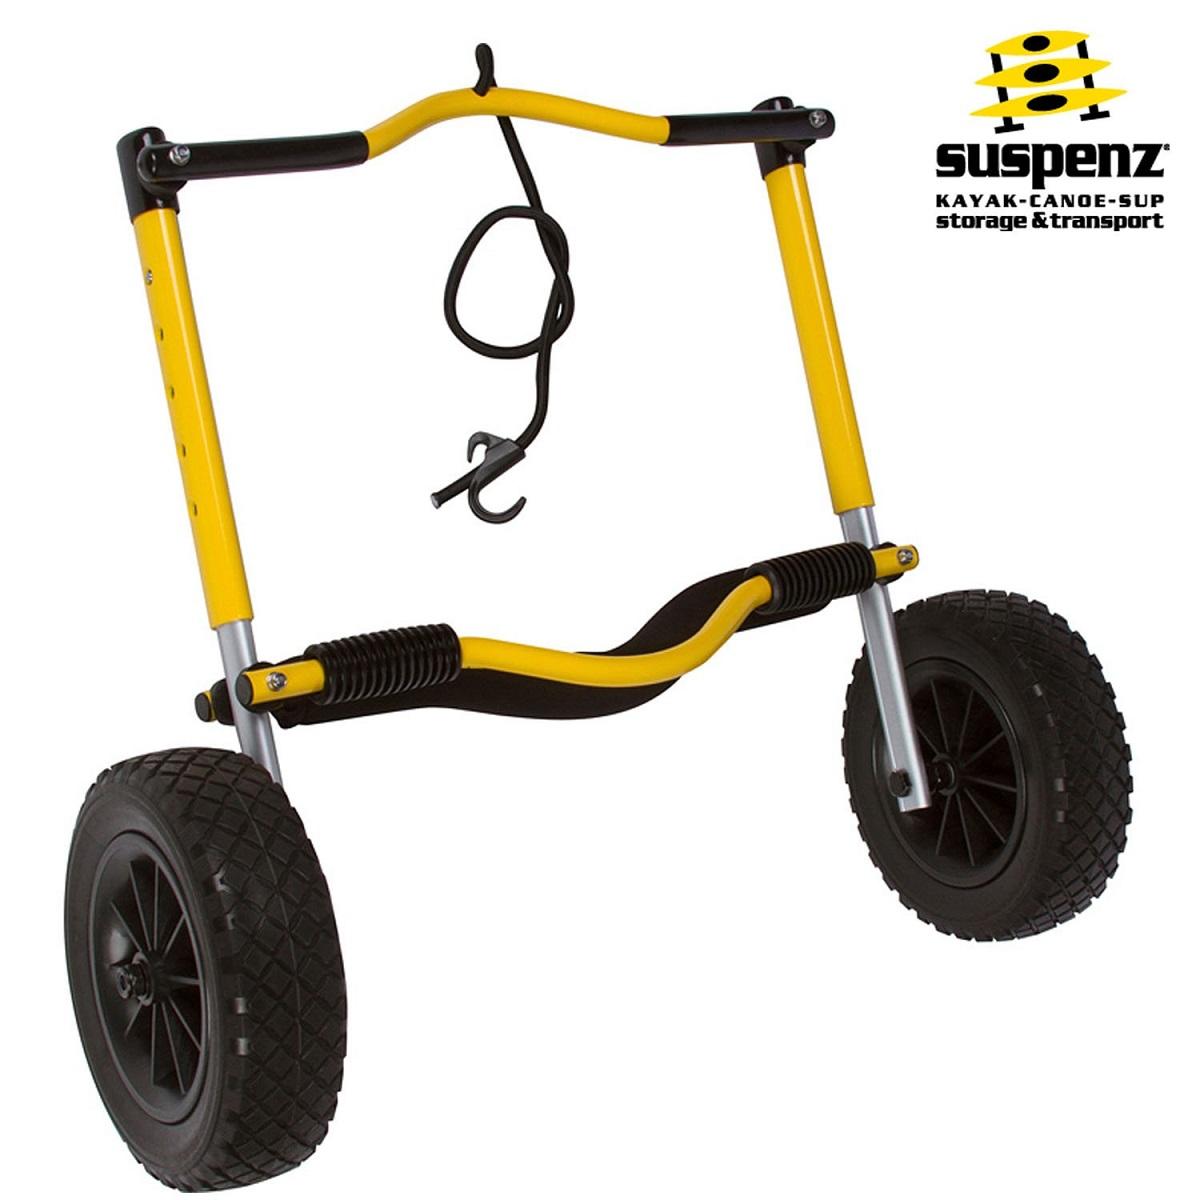 Suspenz END Cart - 1